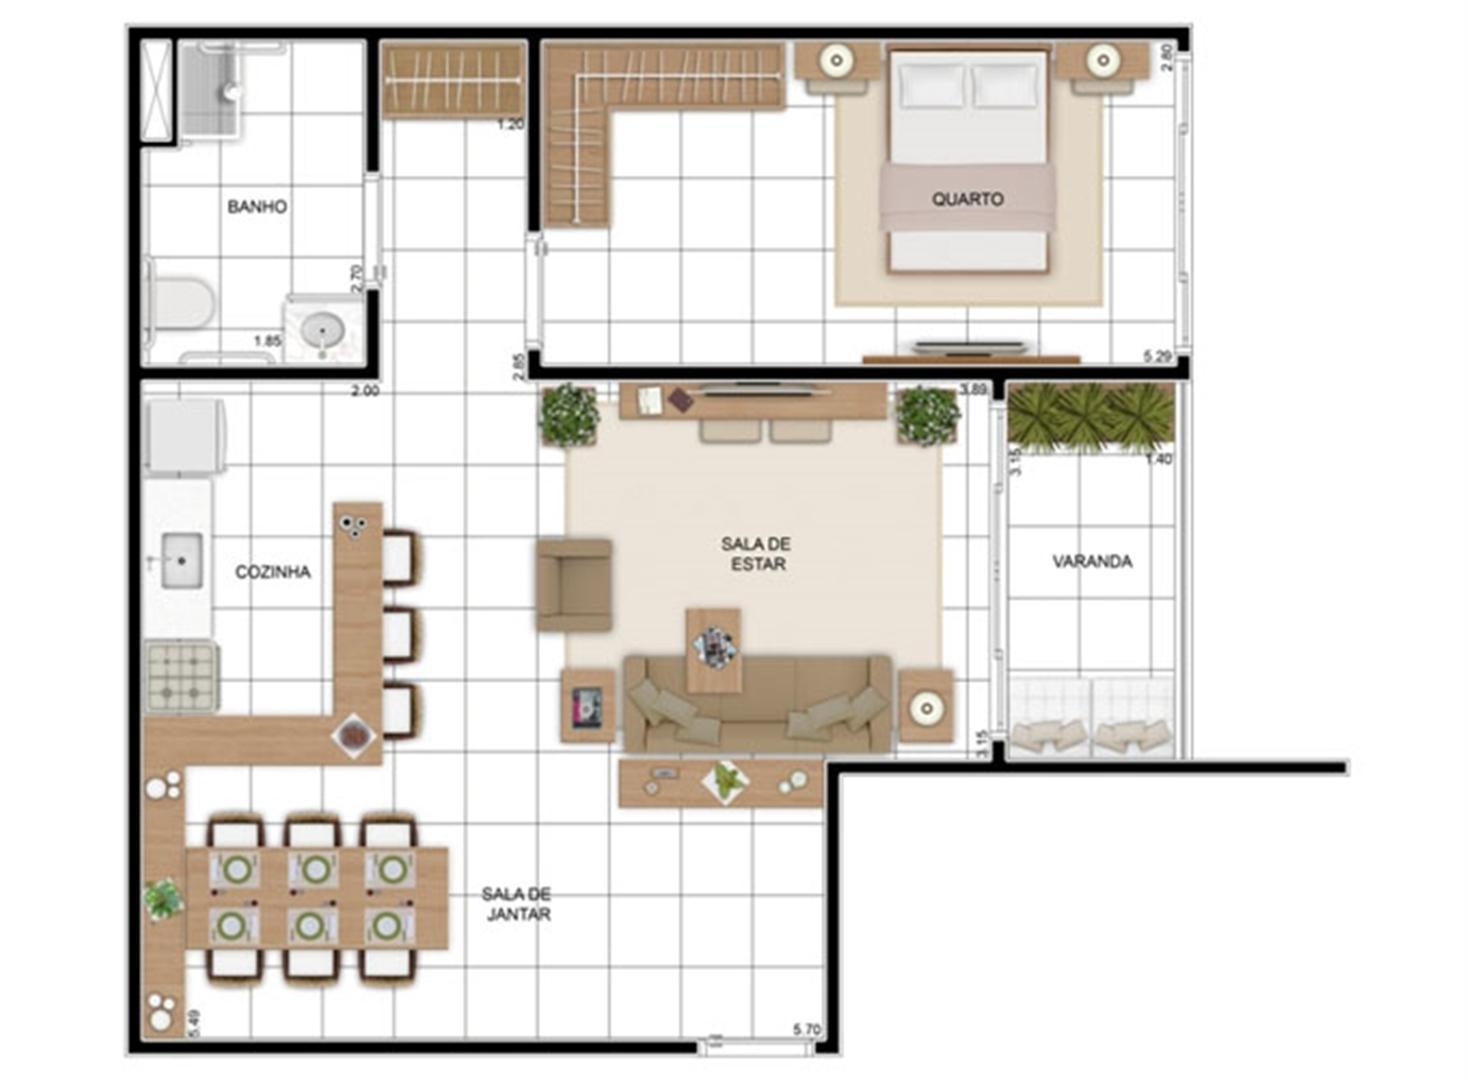 PLANTA - APTO TIPO B - 70 m² (ADAPTADA PARA PNE)  | In Mare Bali – Apartamento no  Distrito Litoral de Cotovelo - Parnamirim - Rio Grande do Norte